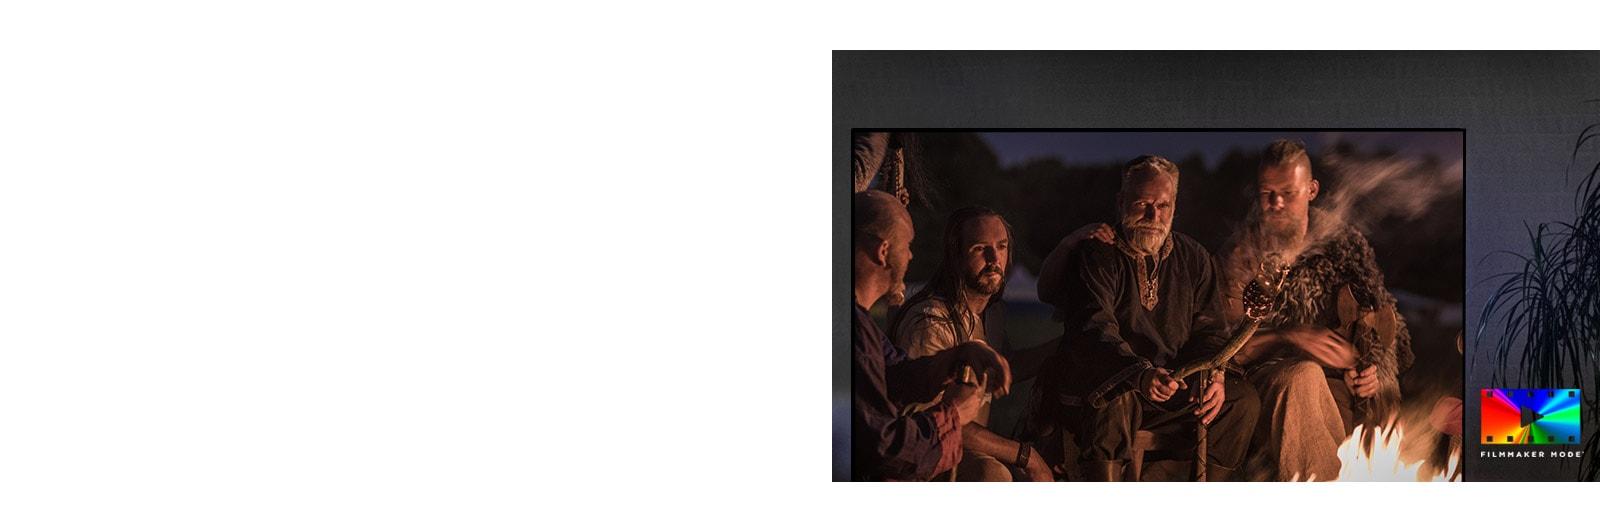 LG OLED48CXPTA FILMMAKER MODE